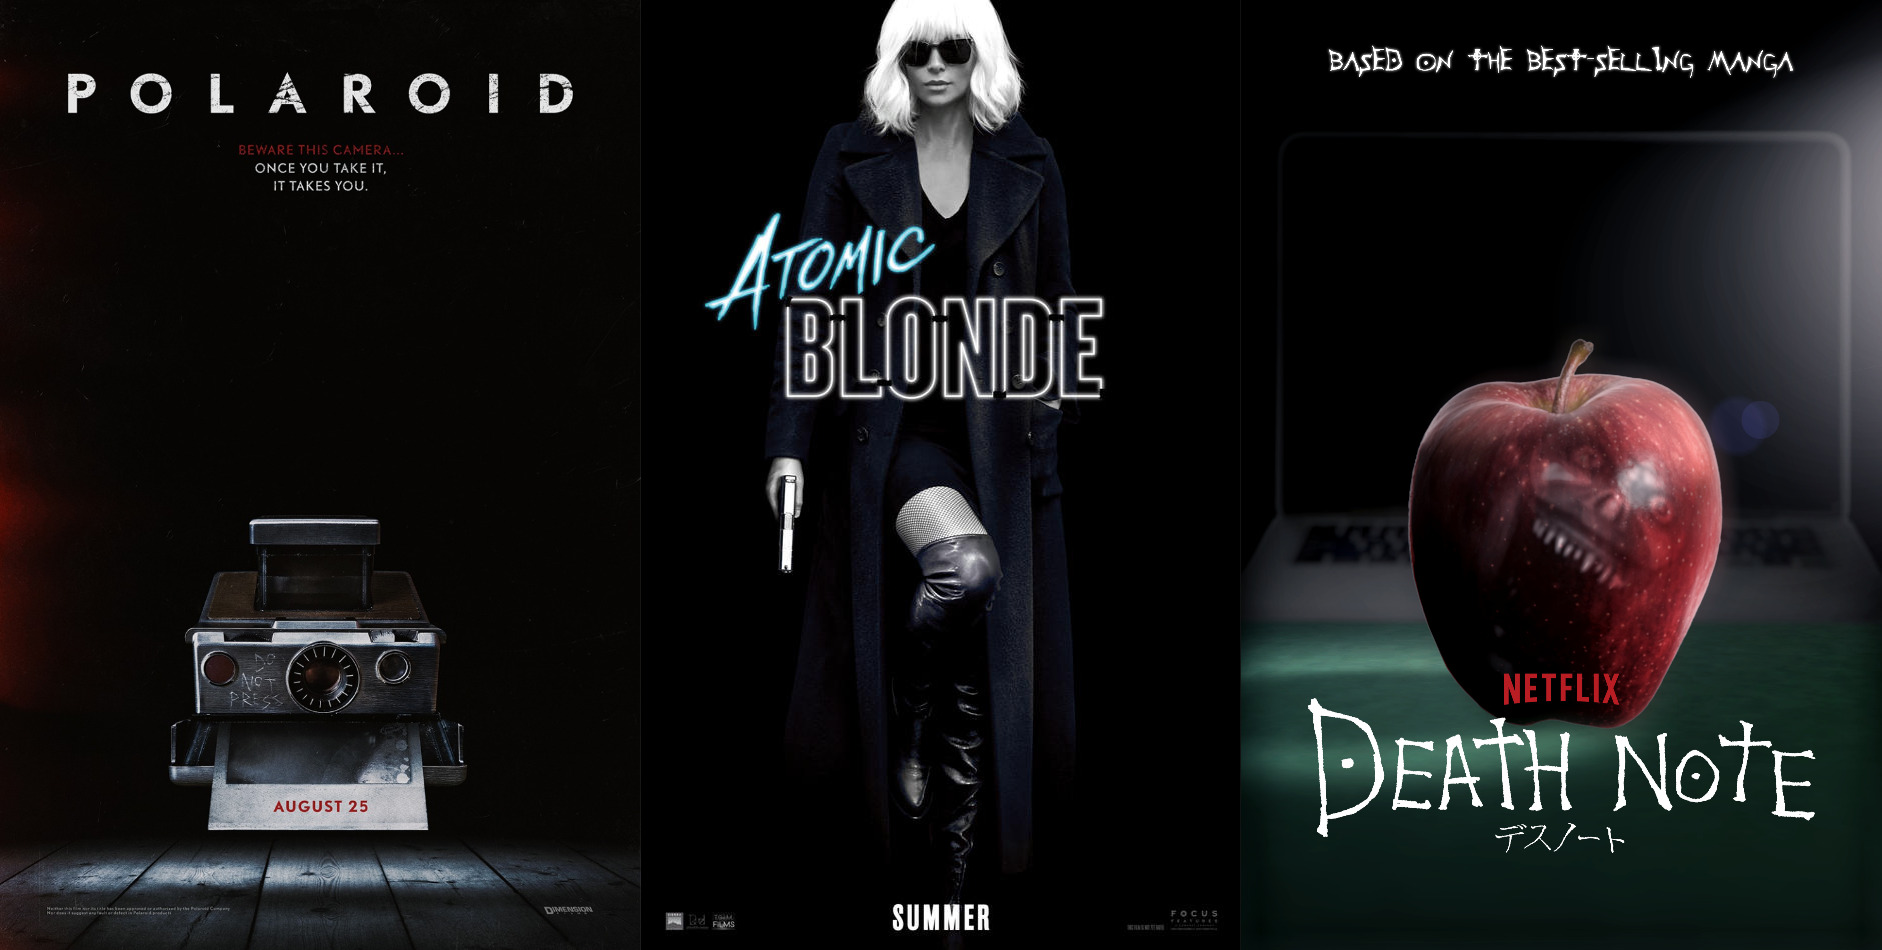 Trailer-Watchin' Wednesday - Death Note, Polaroid, Atomic Blonde, T2 3D